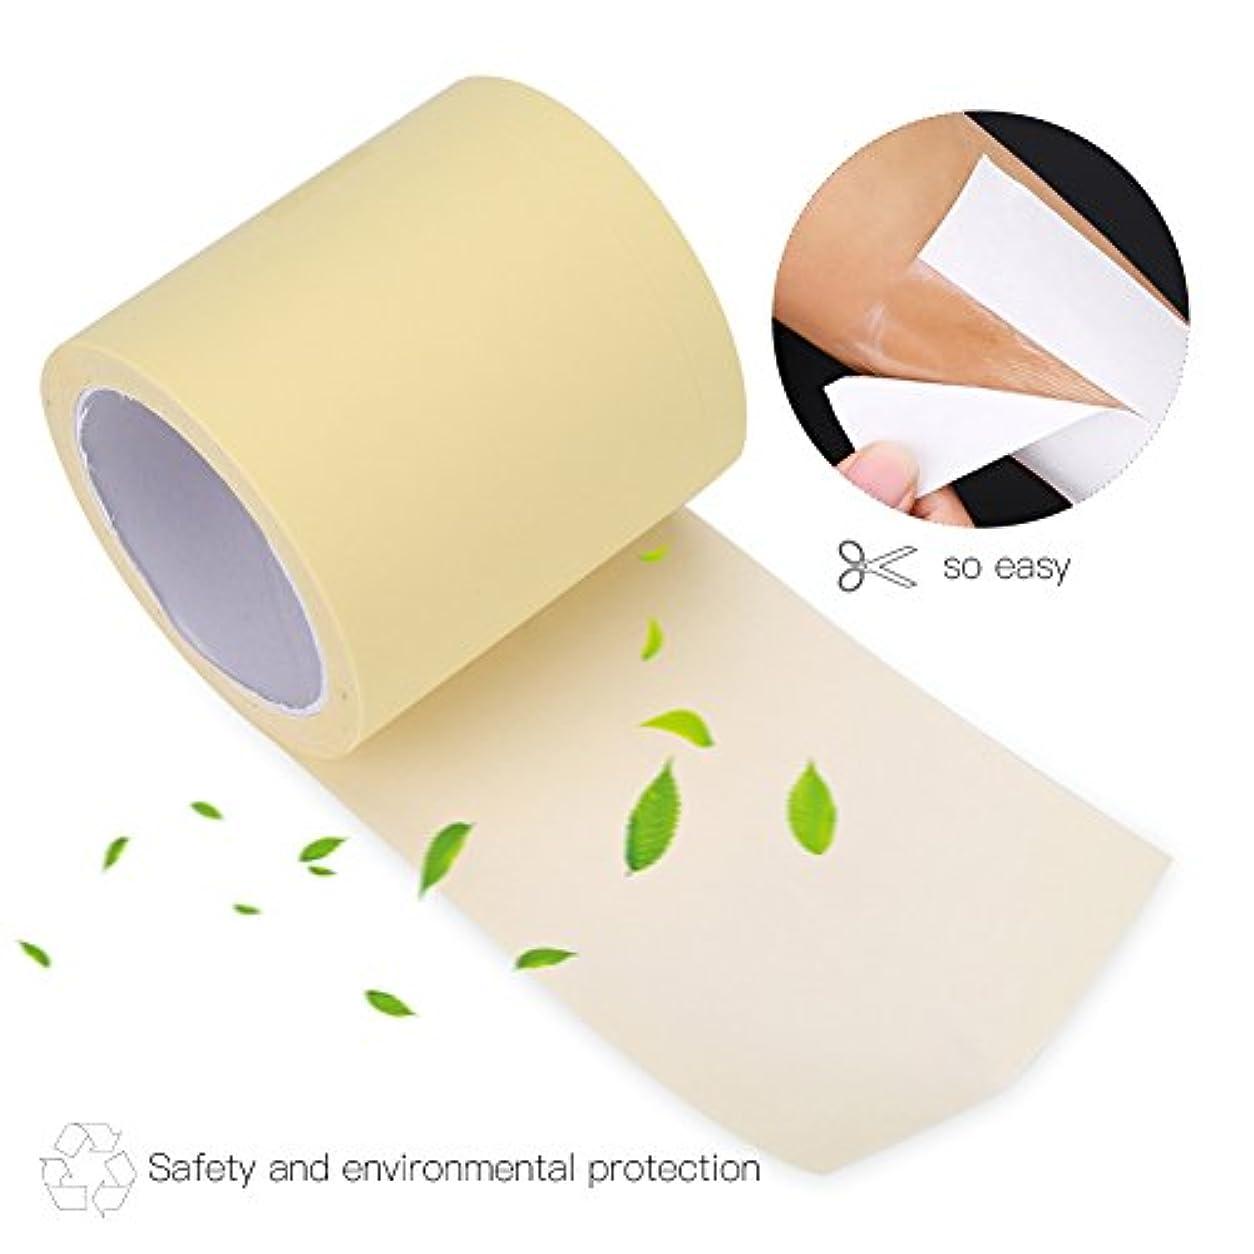 スピーチ私たちの略奪汗止めパッド 脇の下汗パッド 皮膚に優しい 0.012 mm 透明 超薄型 抗菌加工 脇の汗染み防止